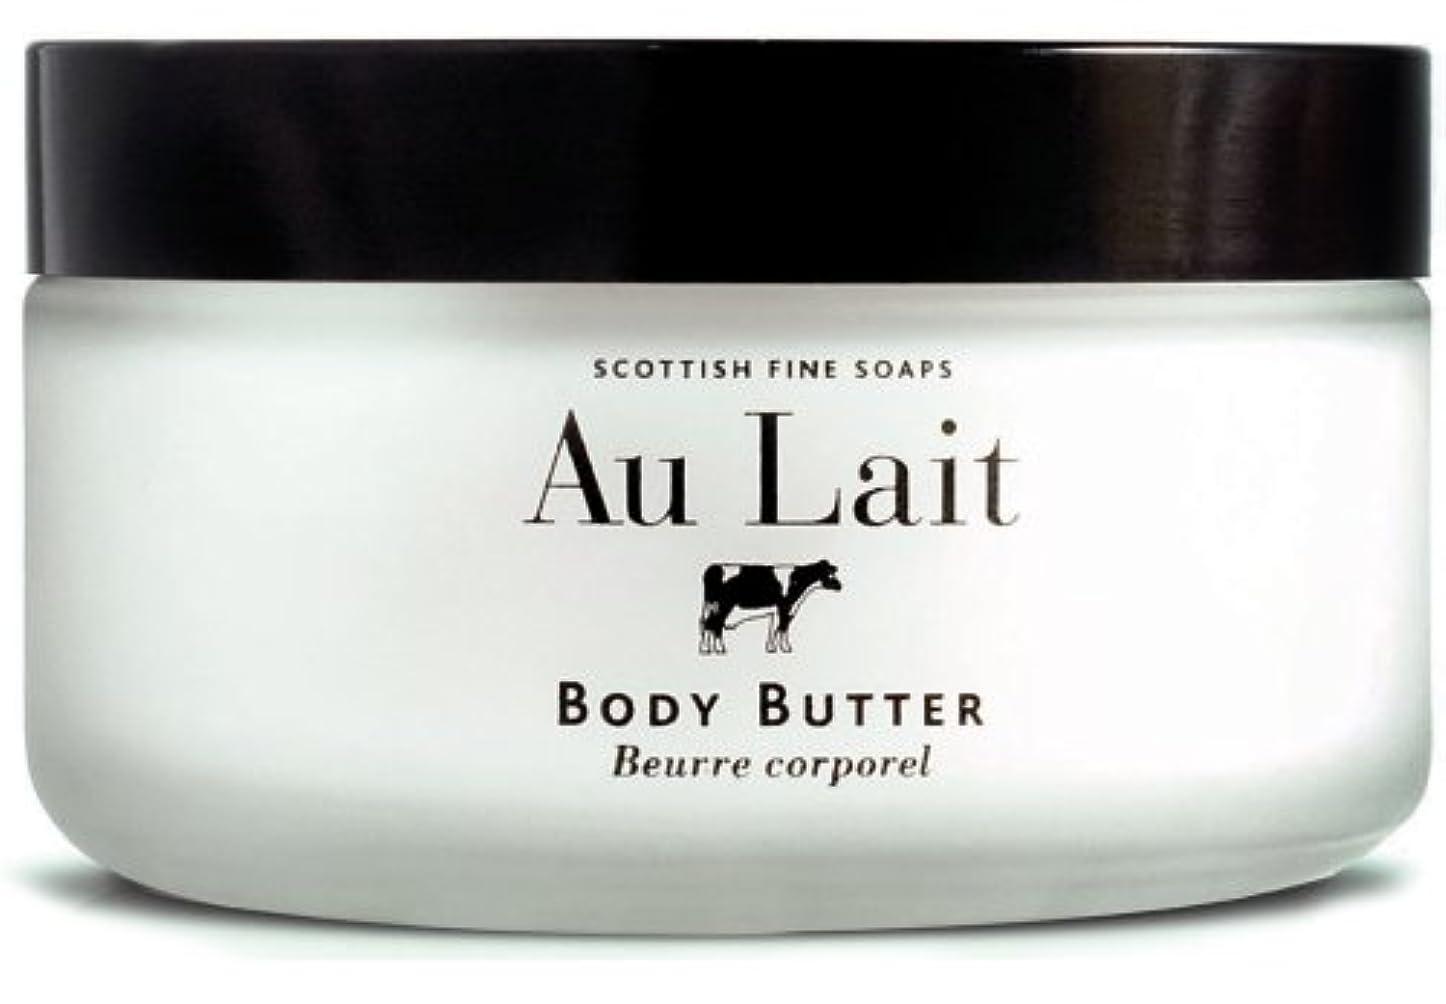 教育者戦士偽装するSCOTTISH FINE SOAPS (スコティッシュファインソープ) Au Lait ボディバター